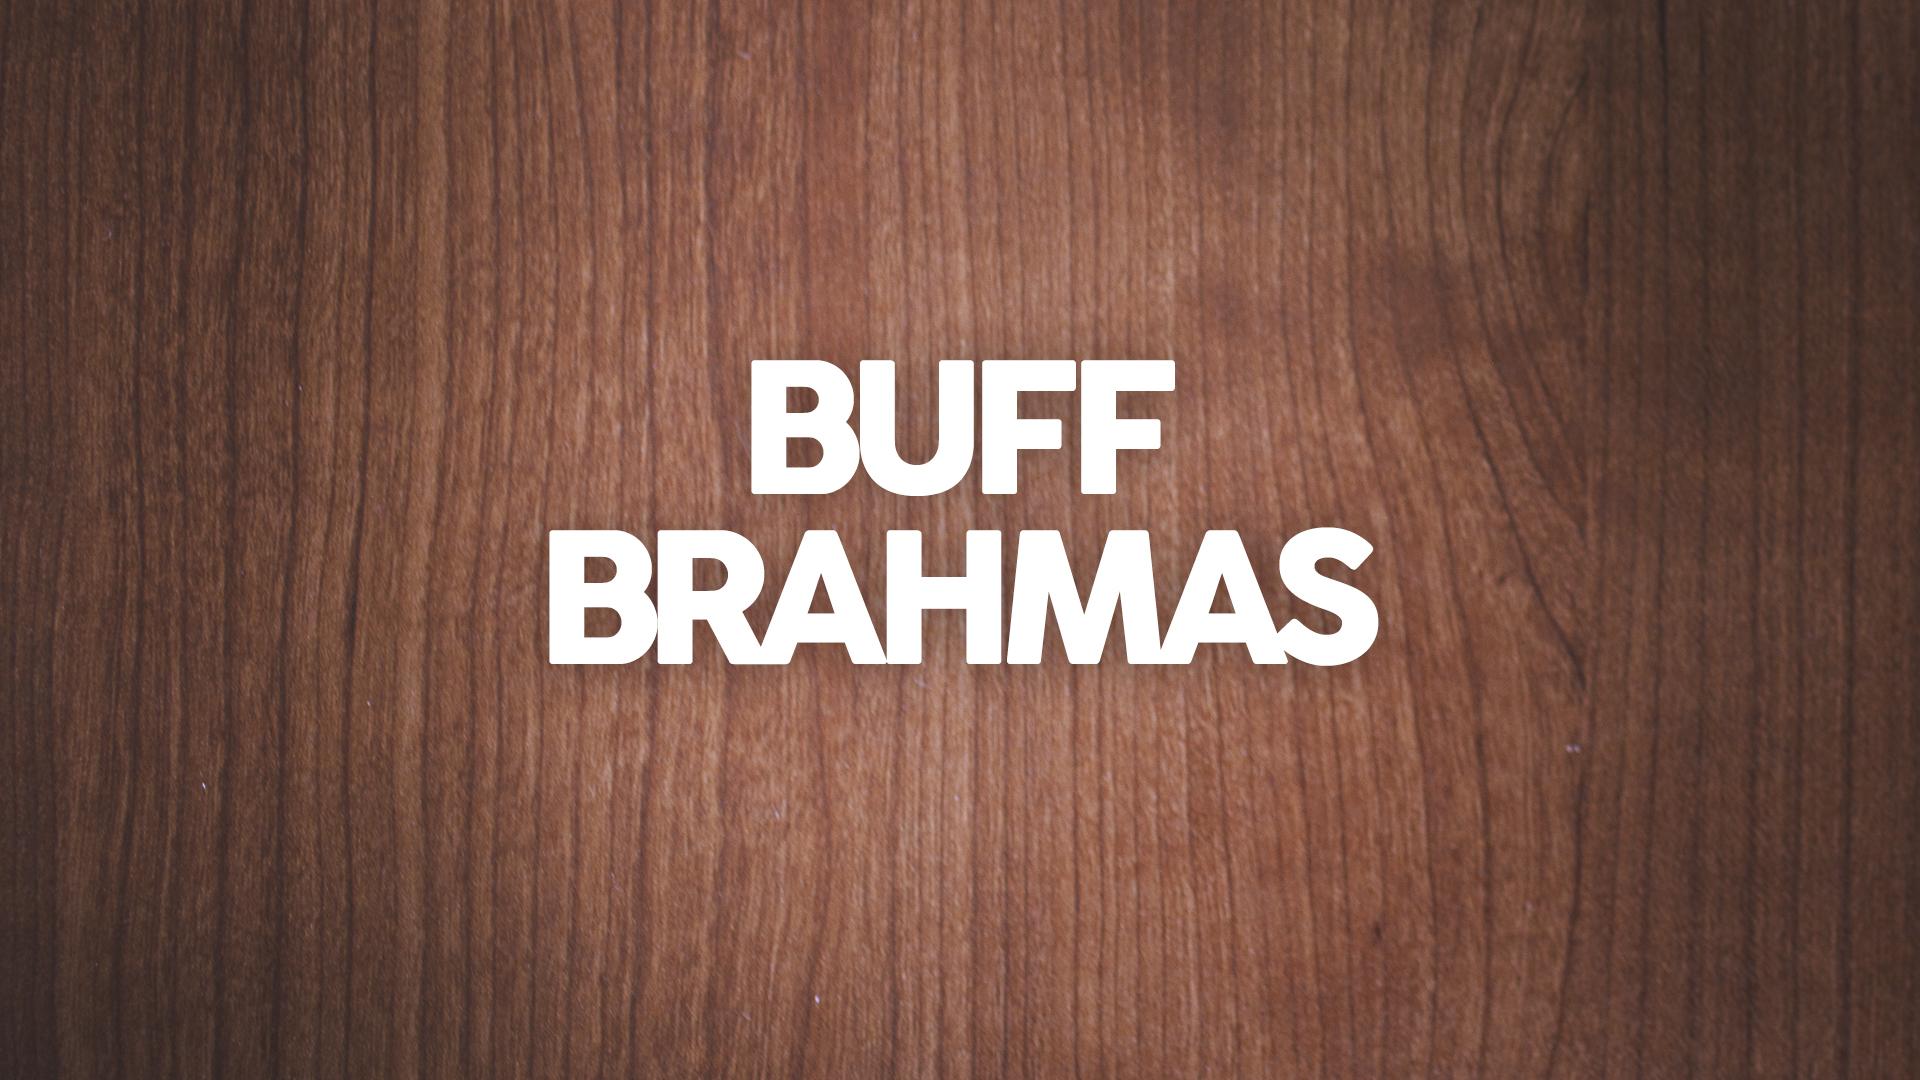 Buff Brahmas